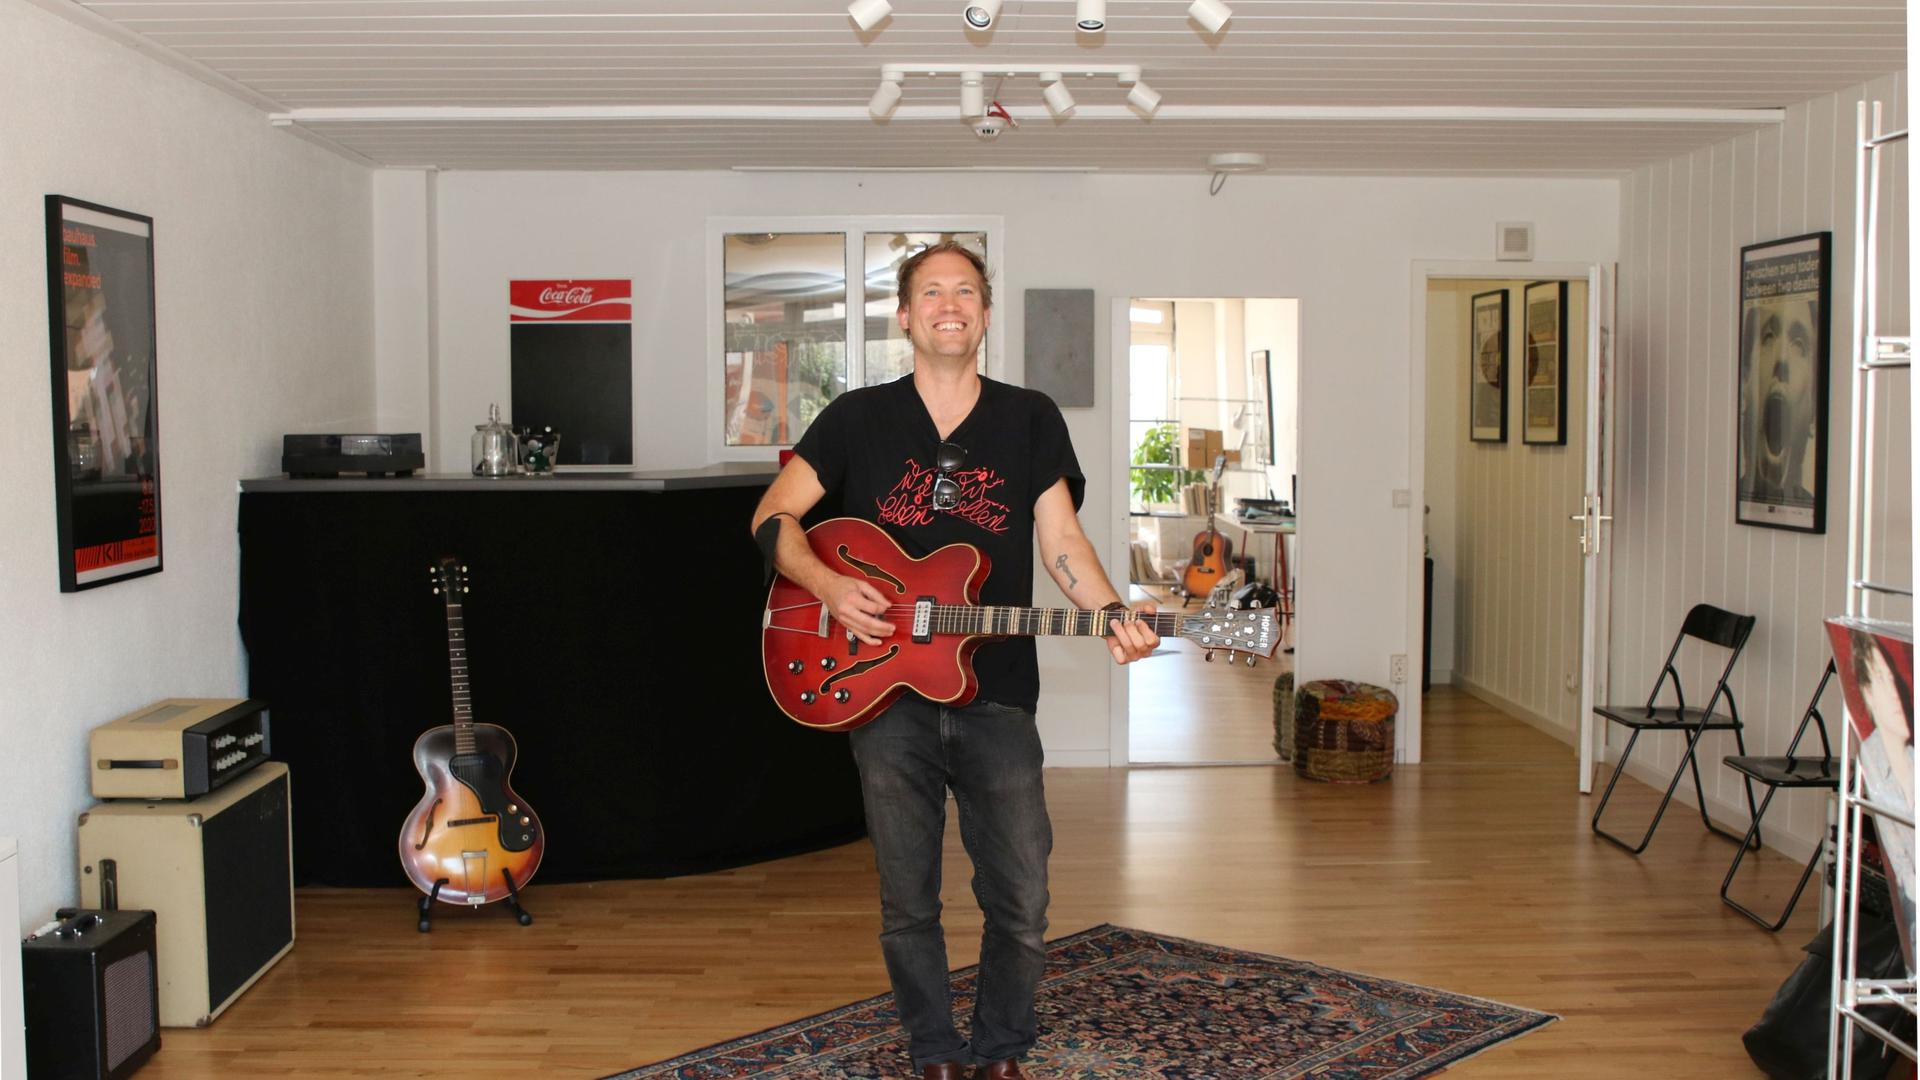 Musiker Nicolas Sturm mit Gitarre in seinem Kreativzentrum in Rastatt